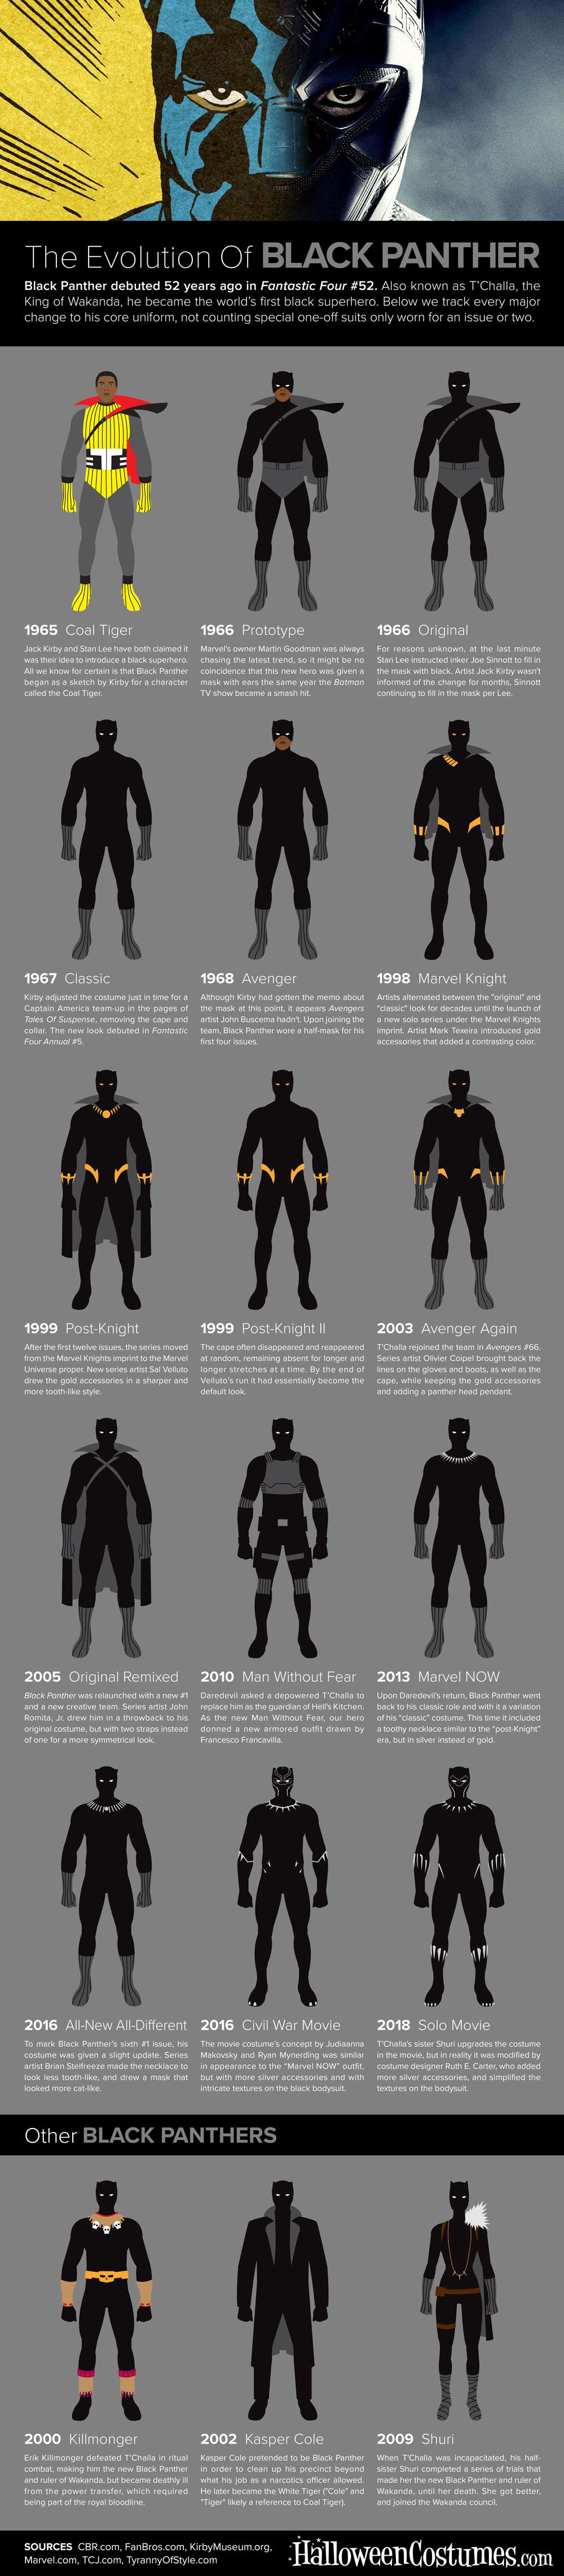 Evolution-of-Black-Panther